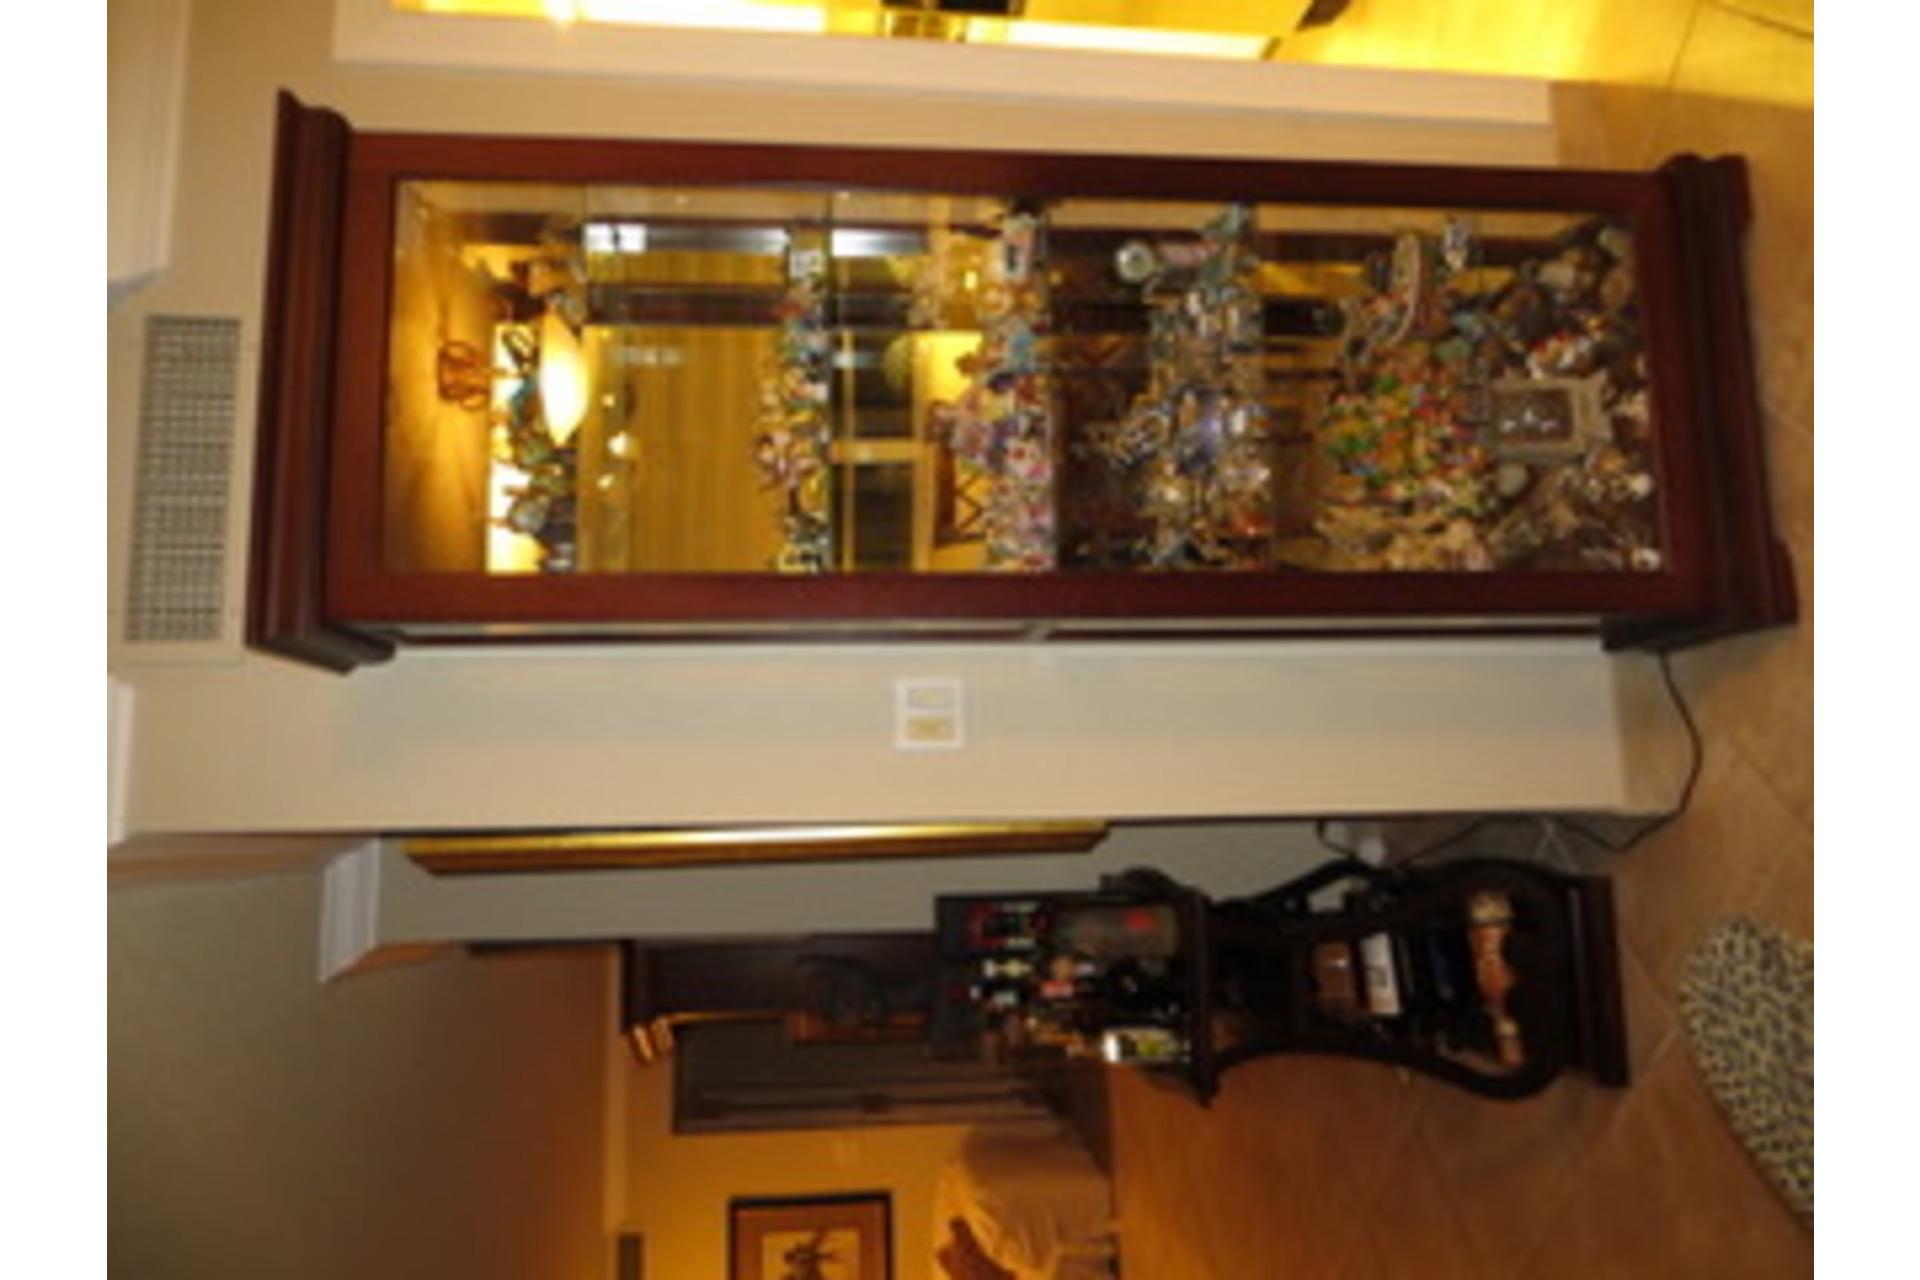 image 37 - Condo Short rental Hallandale Beach - 6 rooms